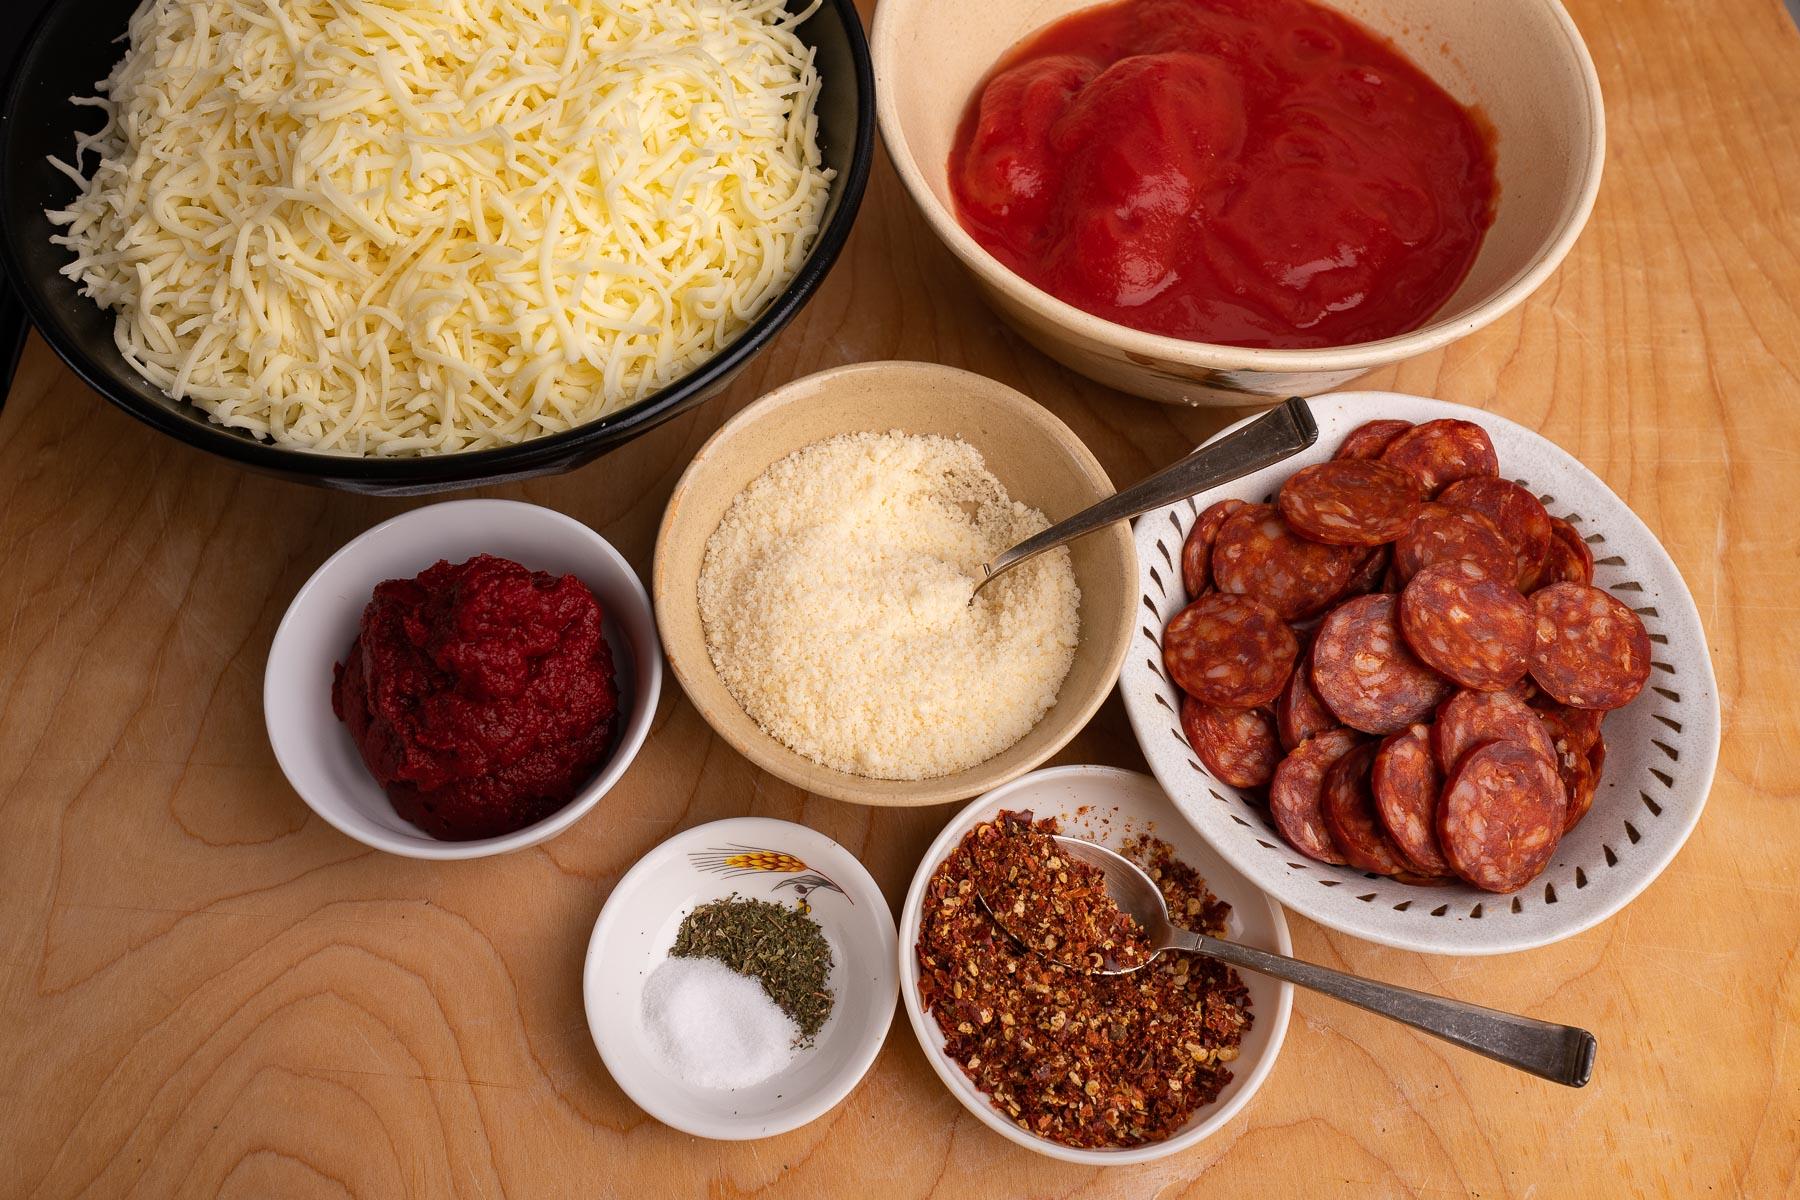 przygotowujemy składniki na pizzę